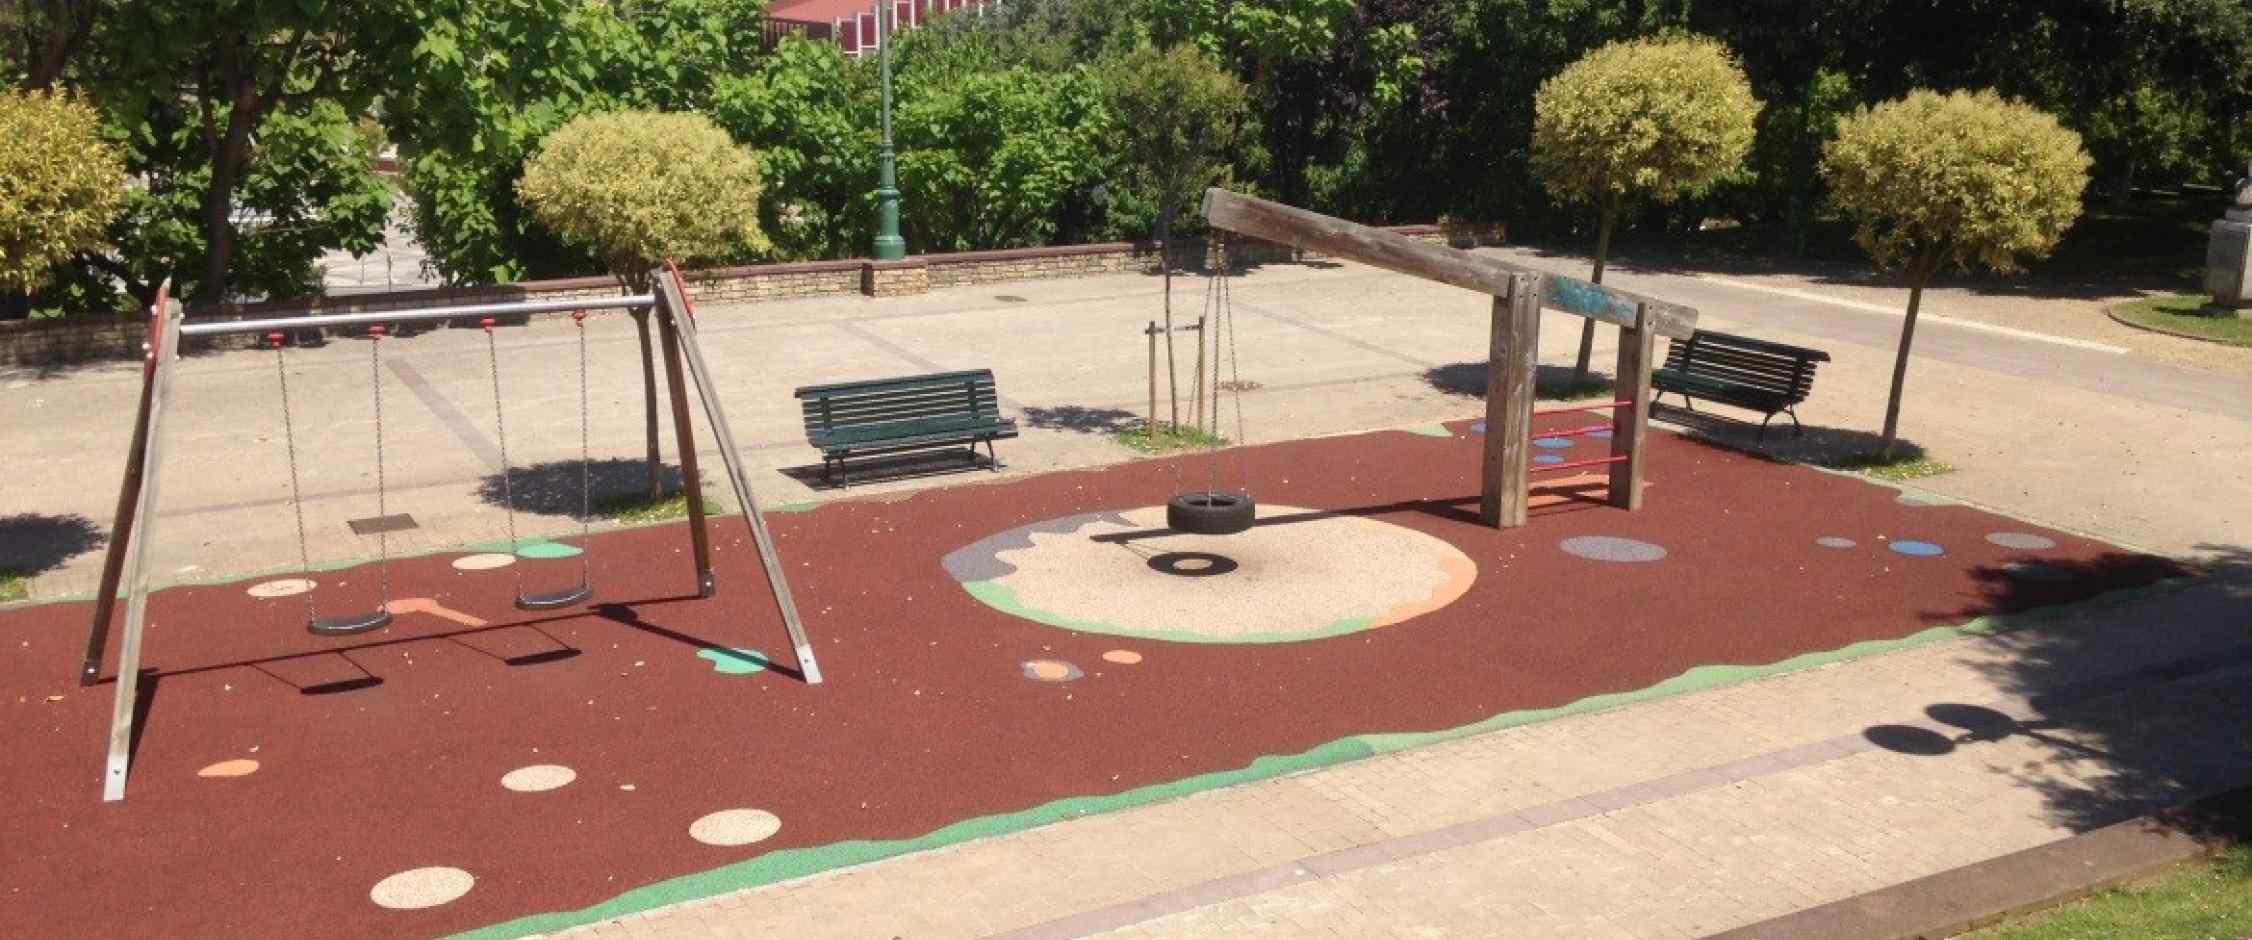 Estado del parque en su inspección